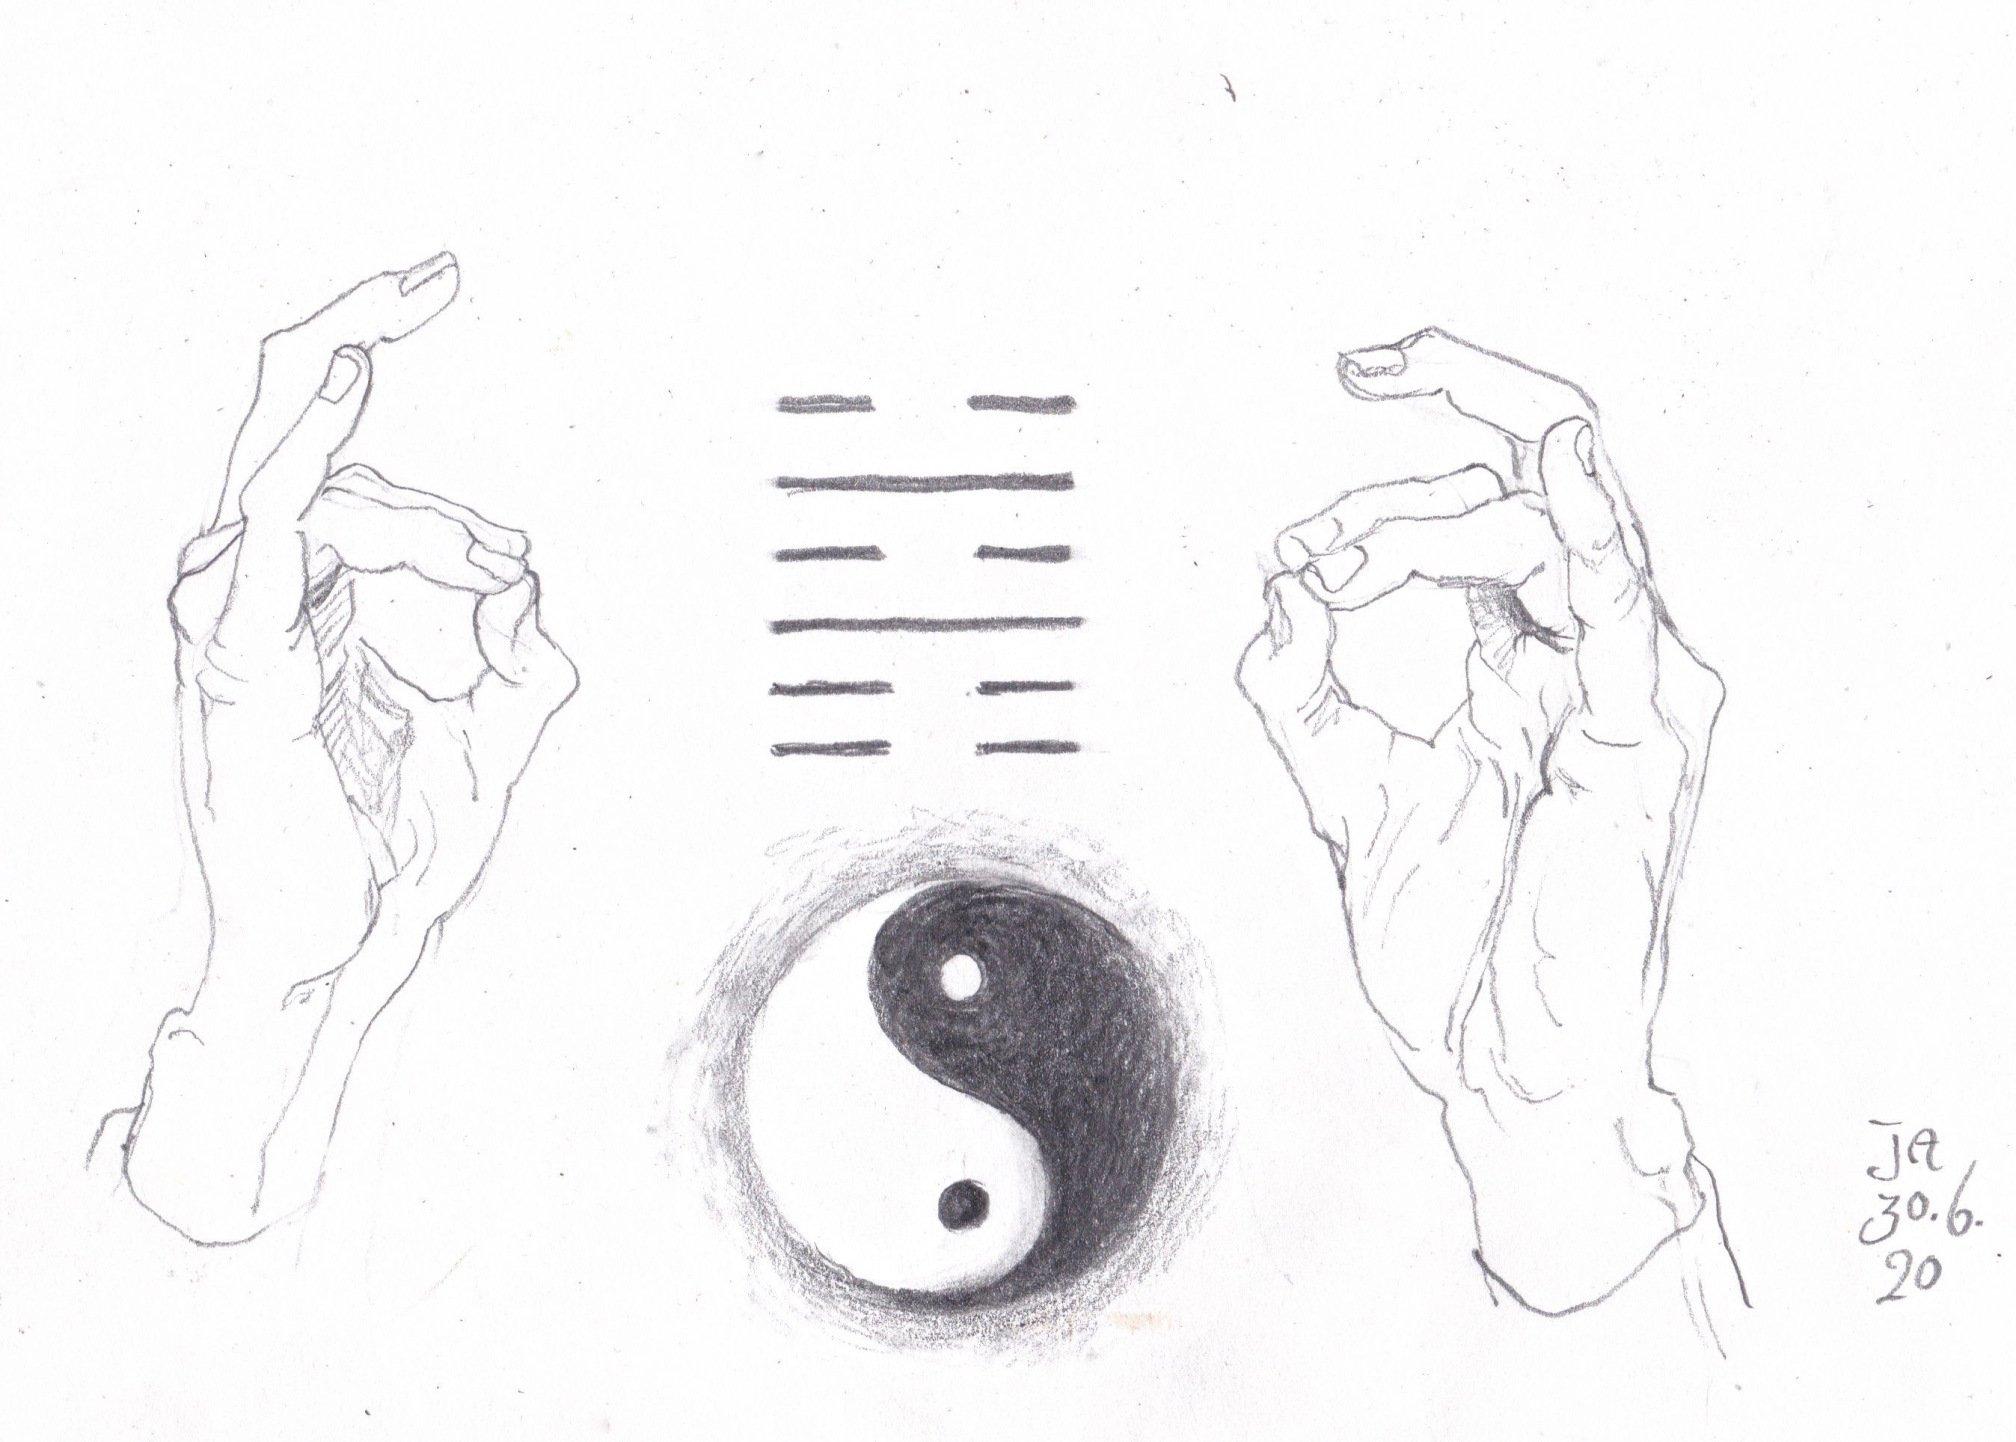 gene-key-39-hand-mudra